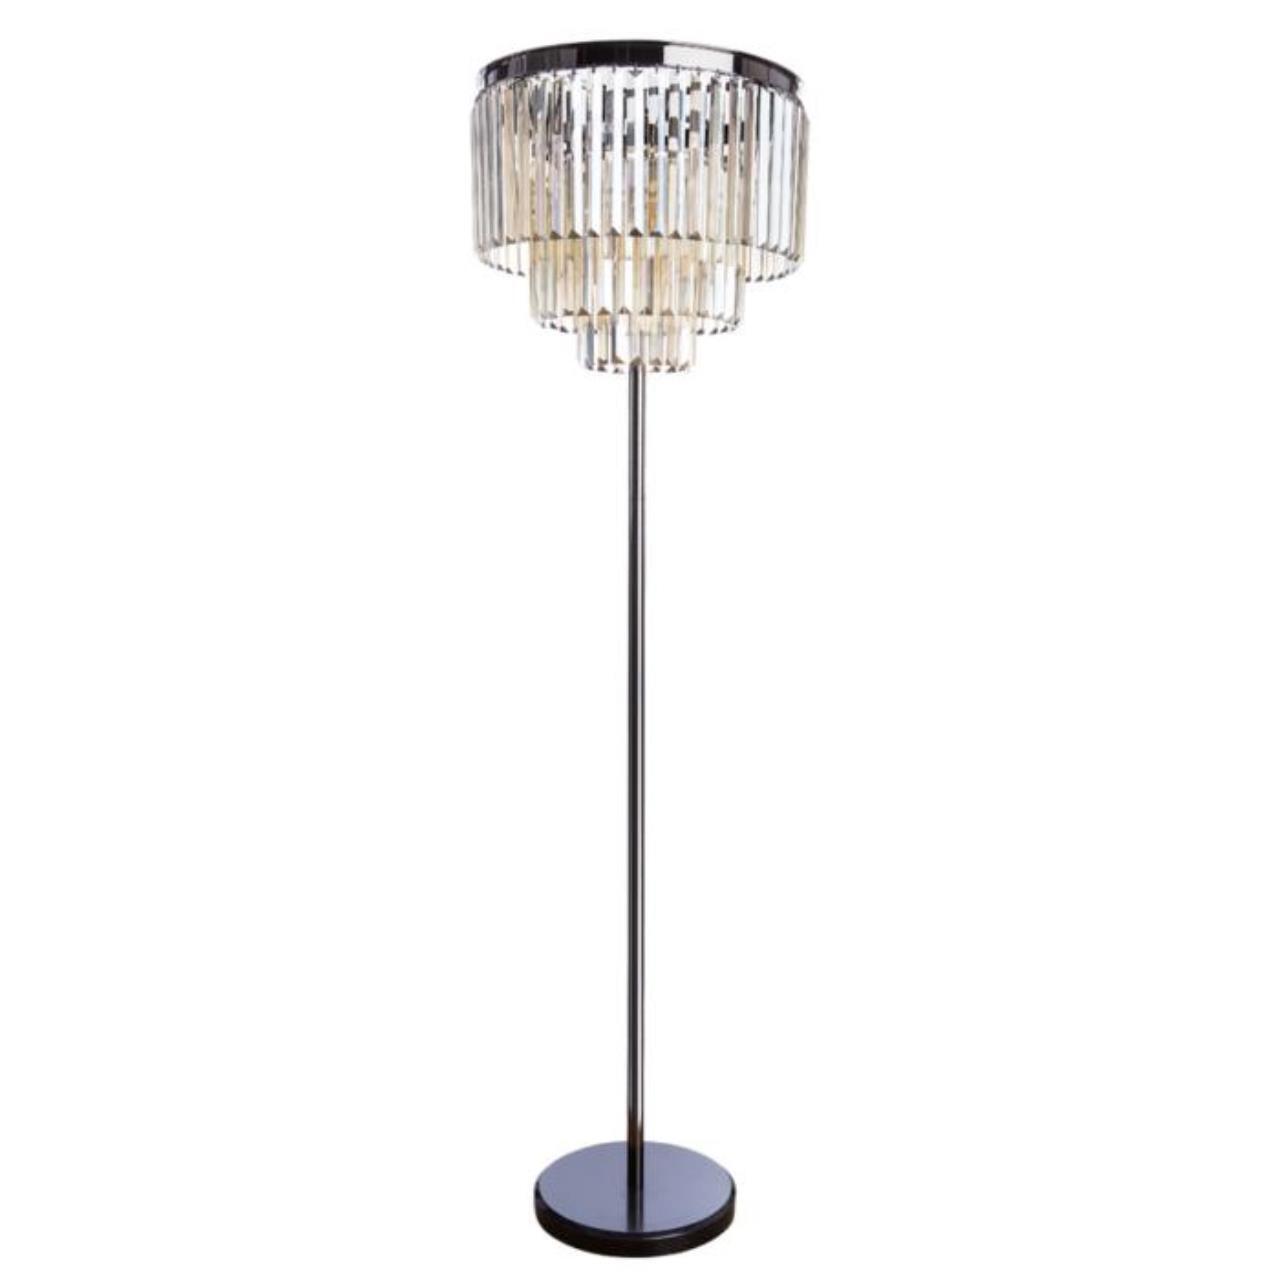 Напольный светильник Divinare 3002/06 PN-6, E14, 240 Вт